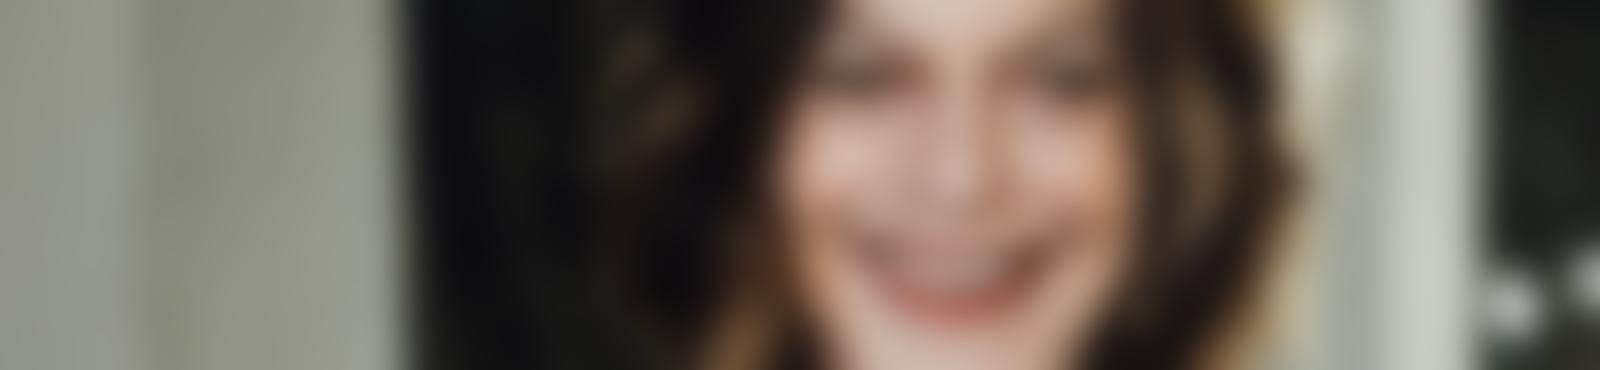 Blurred 8c1eebd5 7b21 4b6b 9e2d 950a5713b575